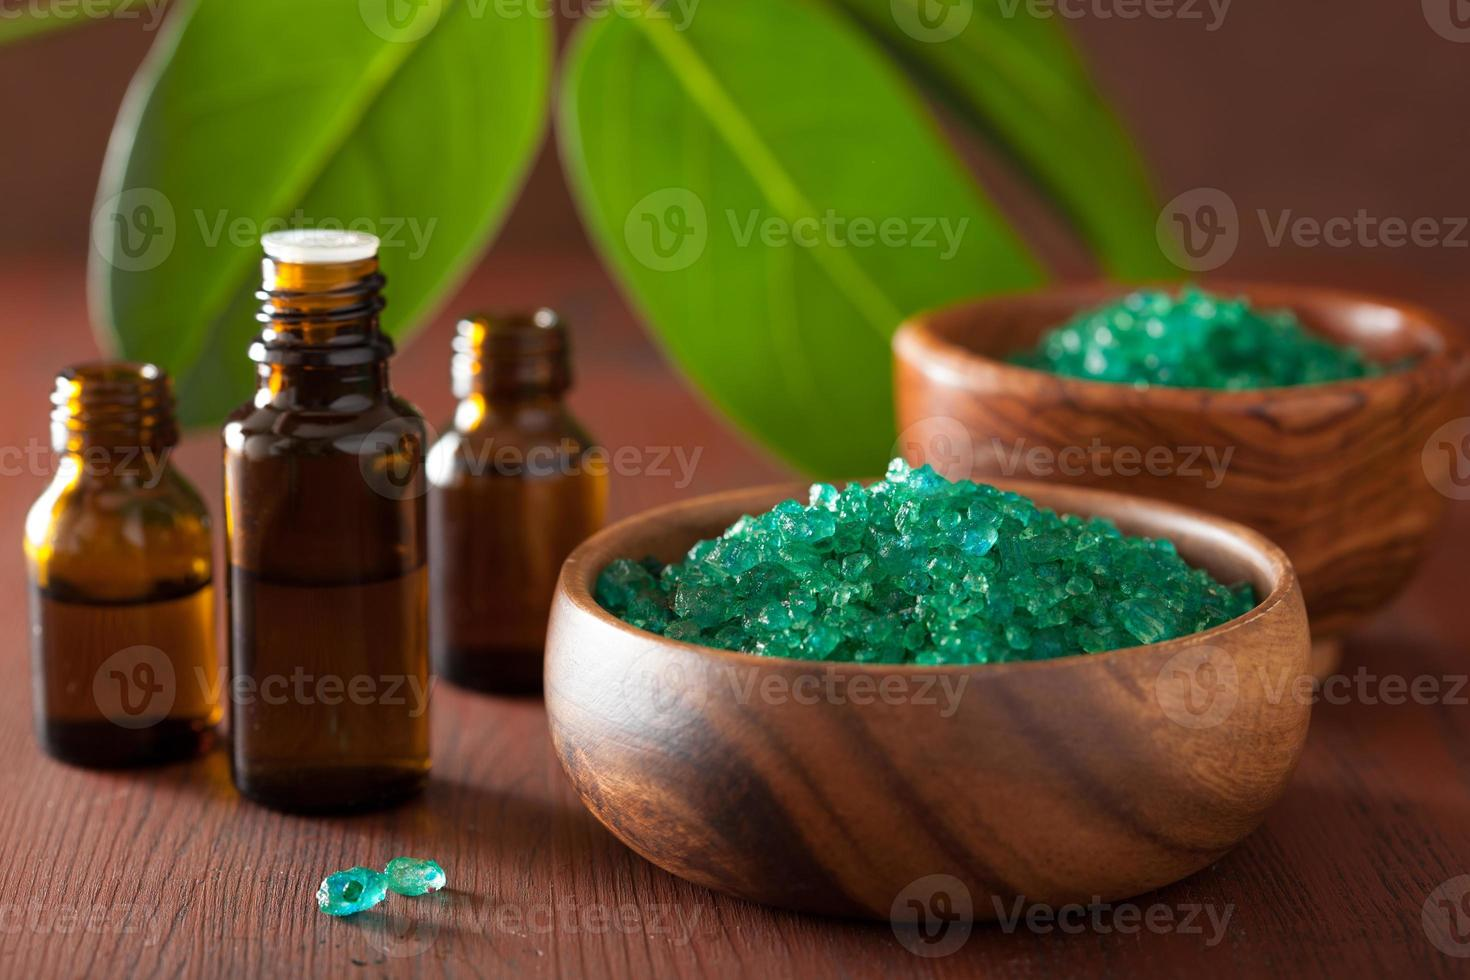 sal de ervas verdes e óleos essenciais para um banho de spa saudável foto